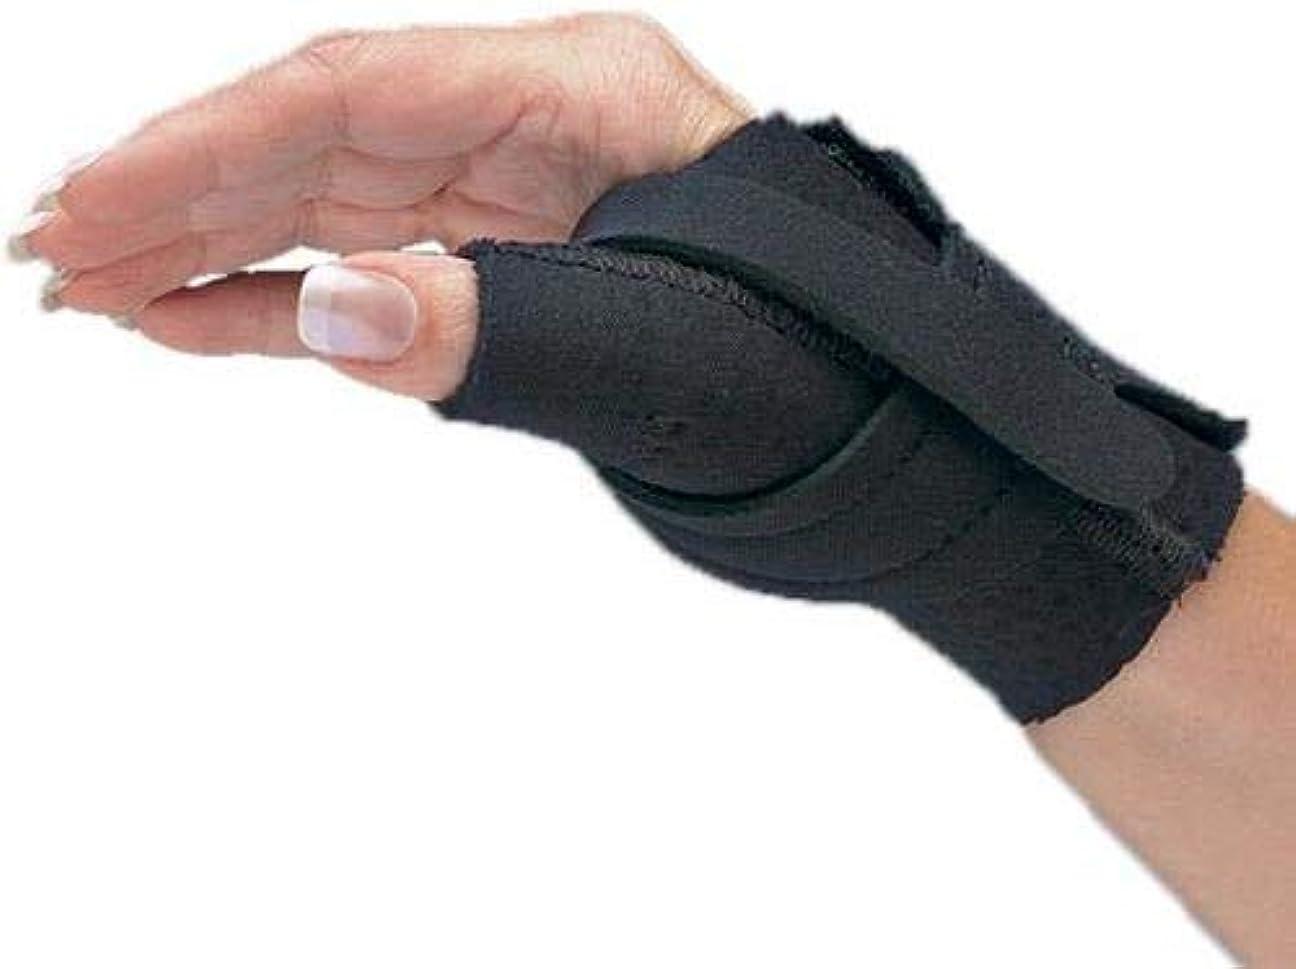 抗議占めるボーダー快適なクールな親指制限スプリントは、親指の関節を直接サポートすると同時に、指全体の機能を許可します。右手